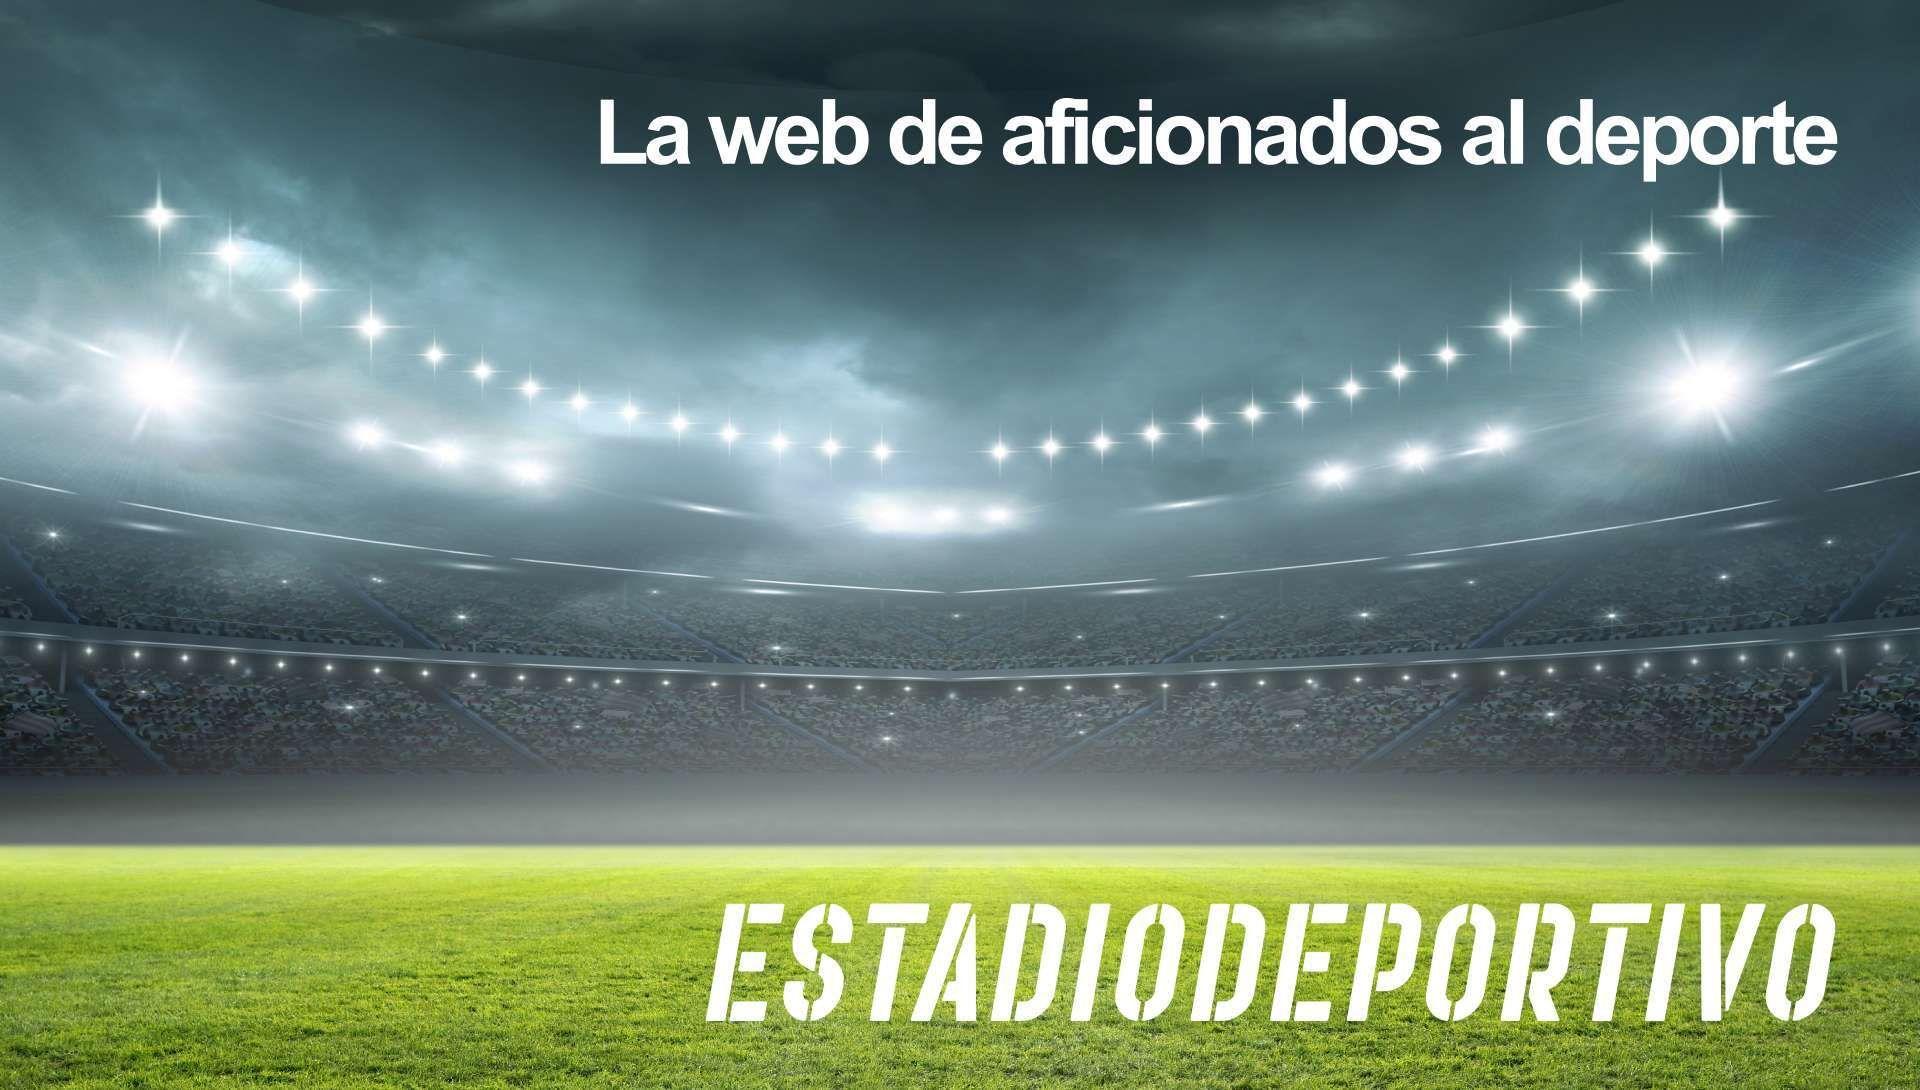 Las portadas del jueves 24 de junio